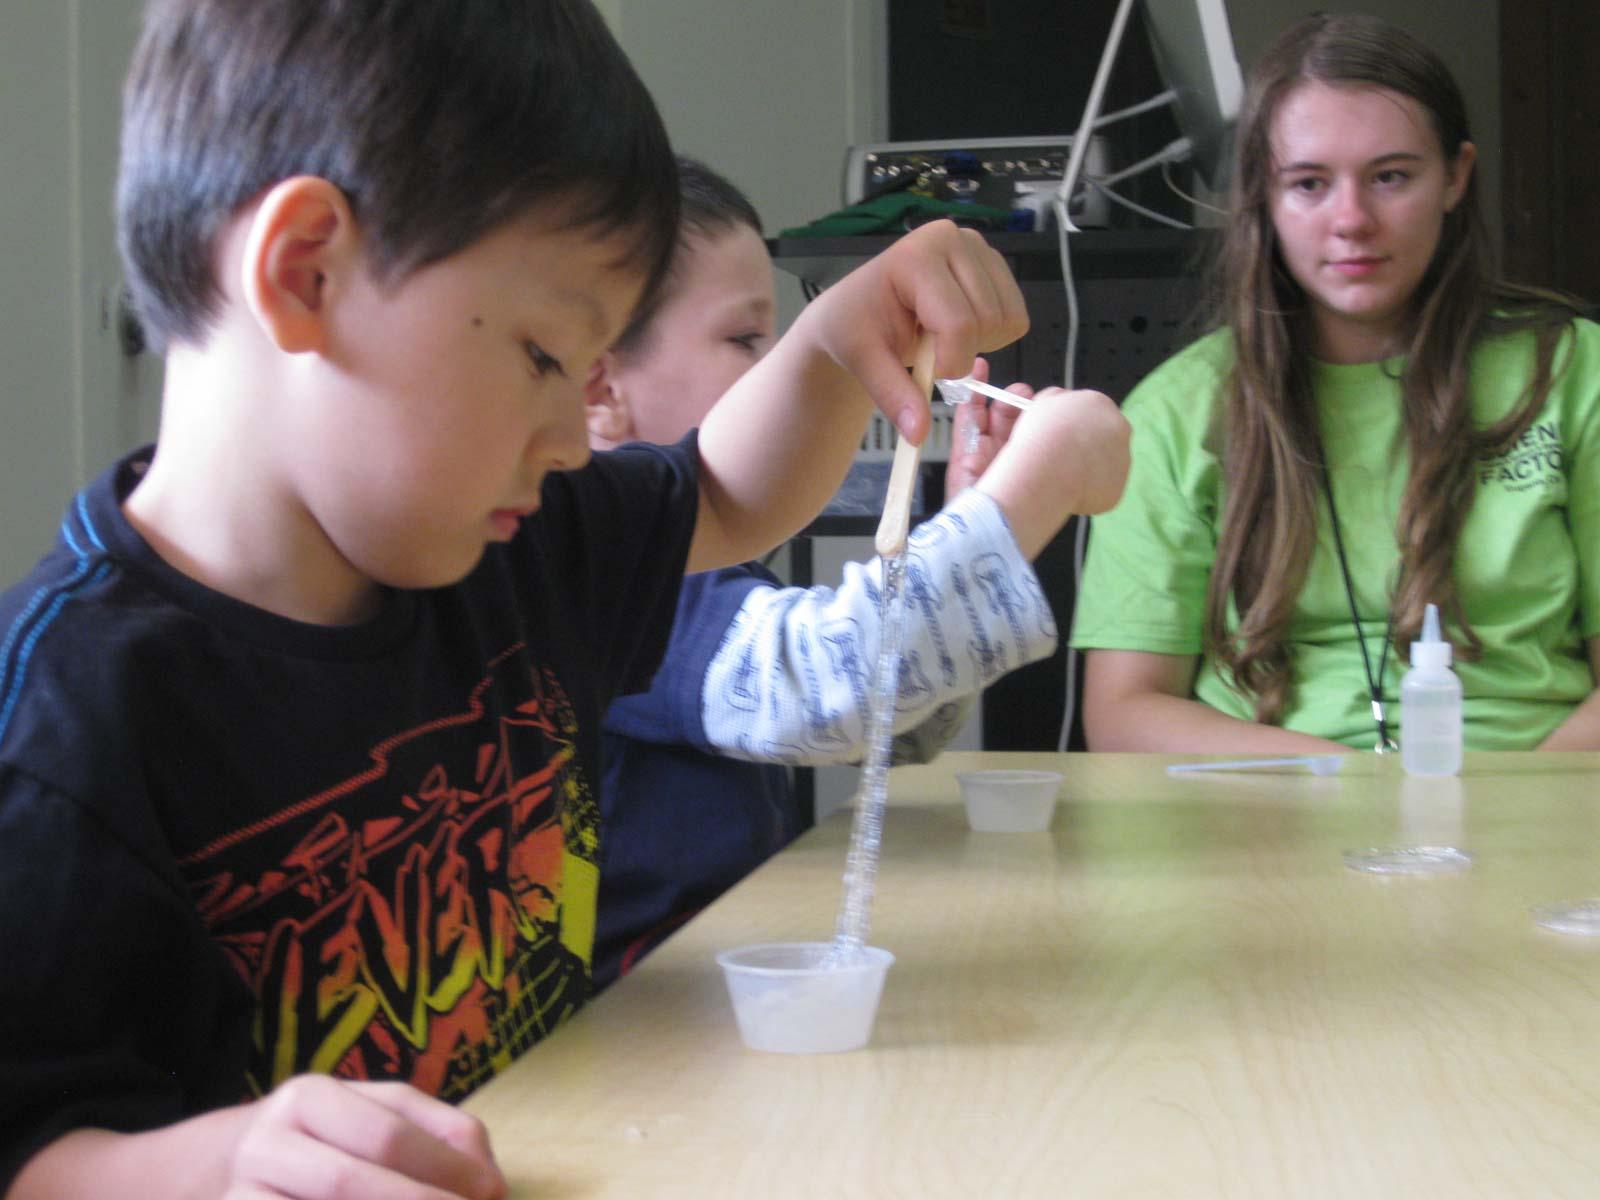 Kids Doing An Experiment